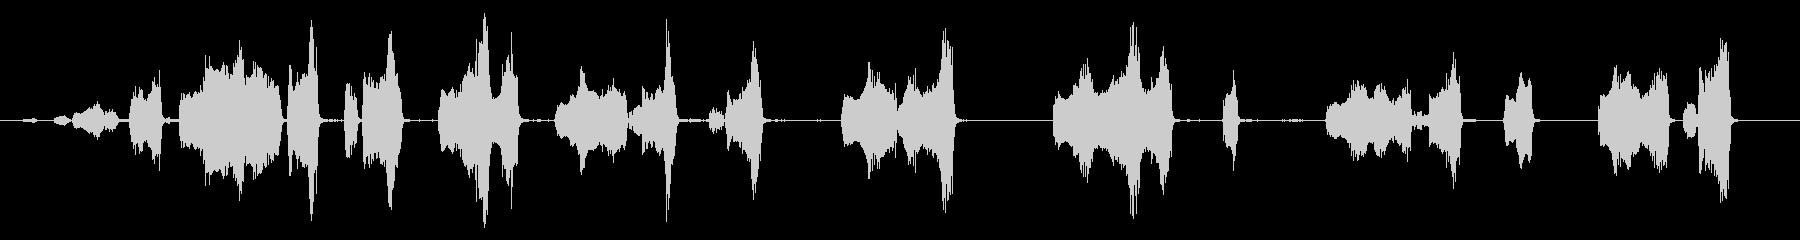 長い首のガチョウ:クローズグループ通話の未再生の波形